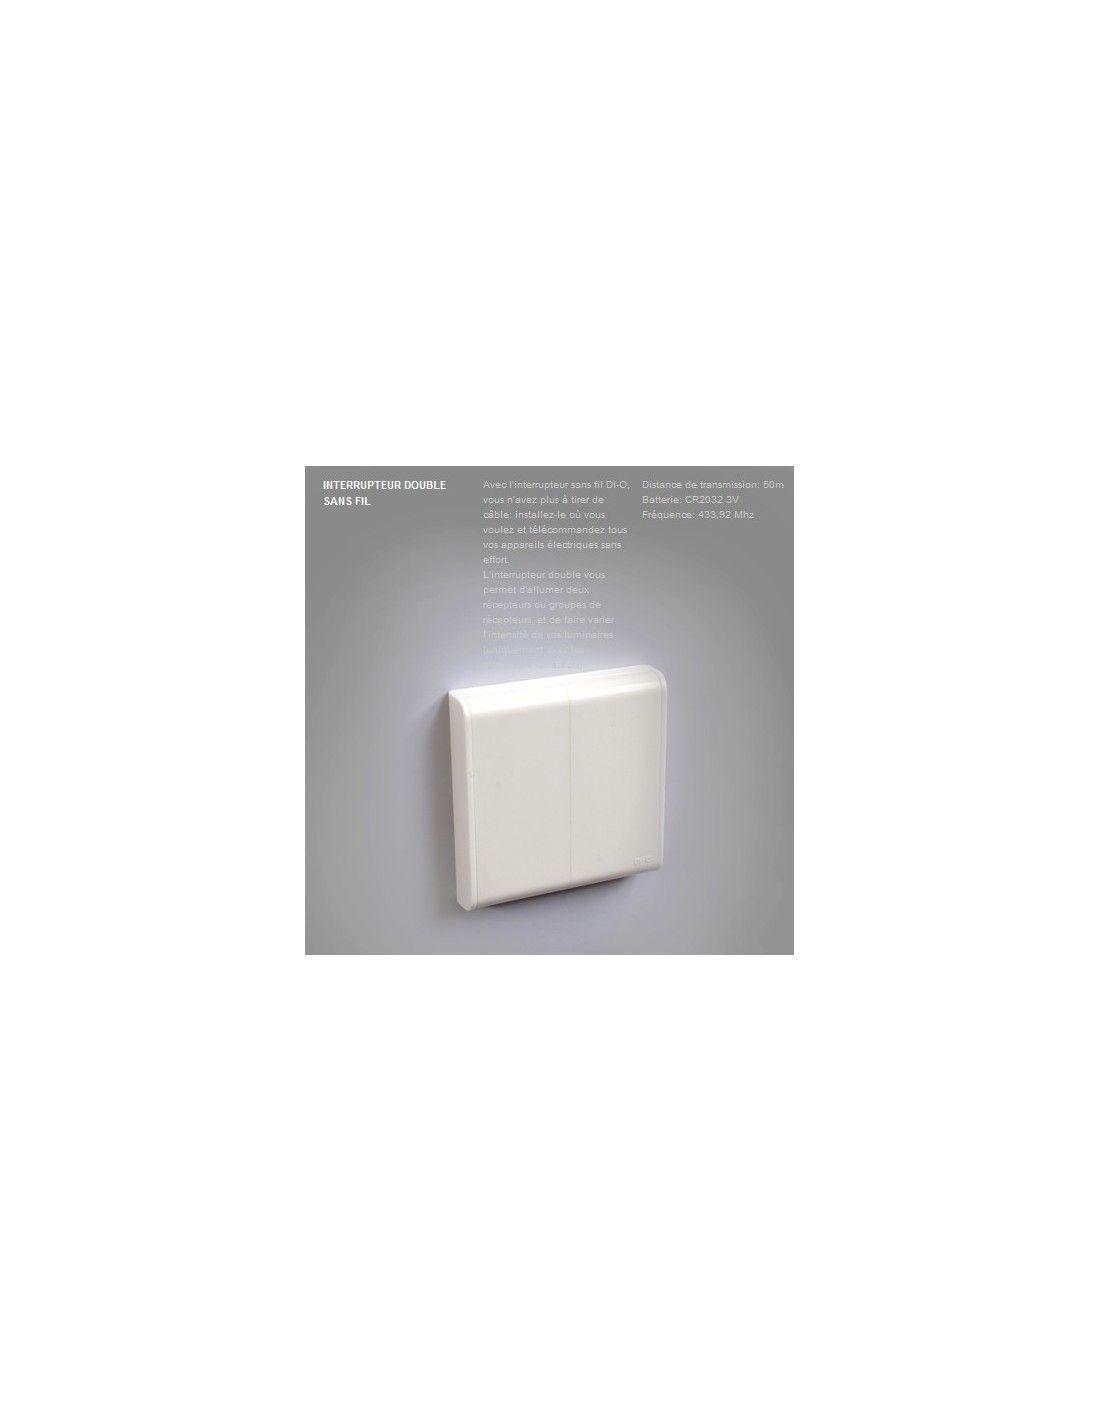 interrupteur mural sans fil double ivoire chacon en stock. Black Bedroom Furniture Sets. Home Design Ideas